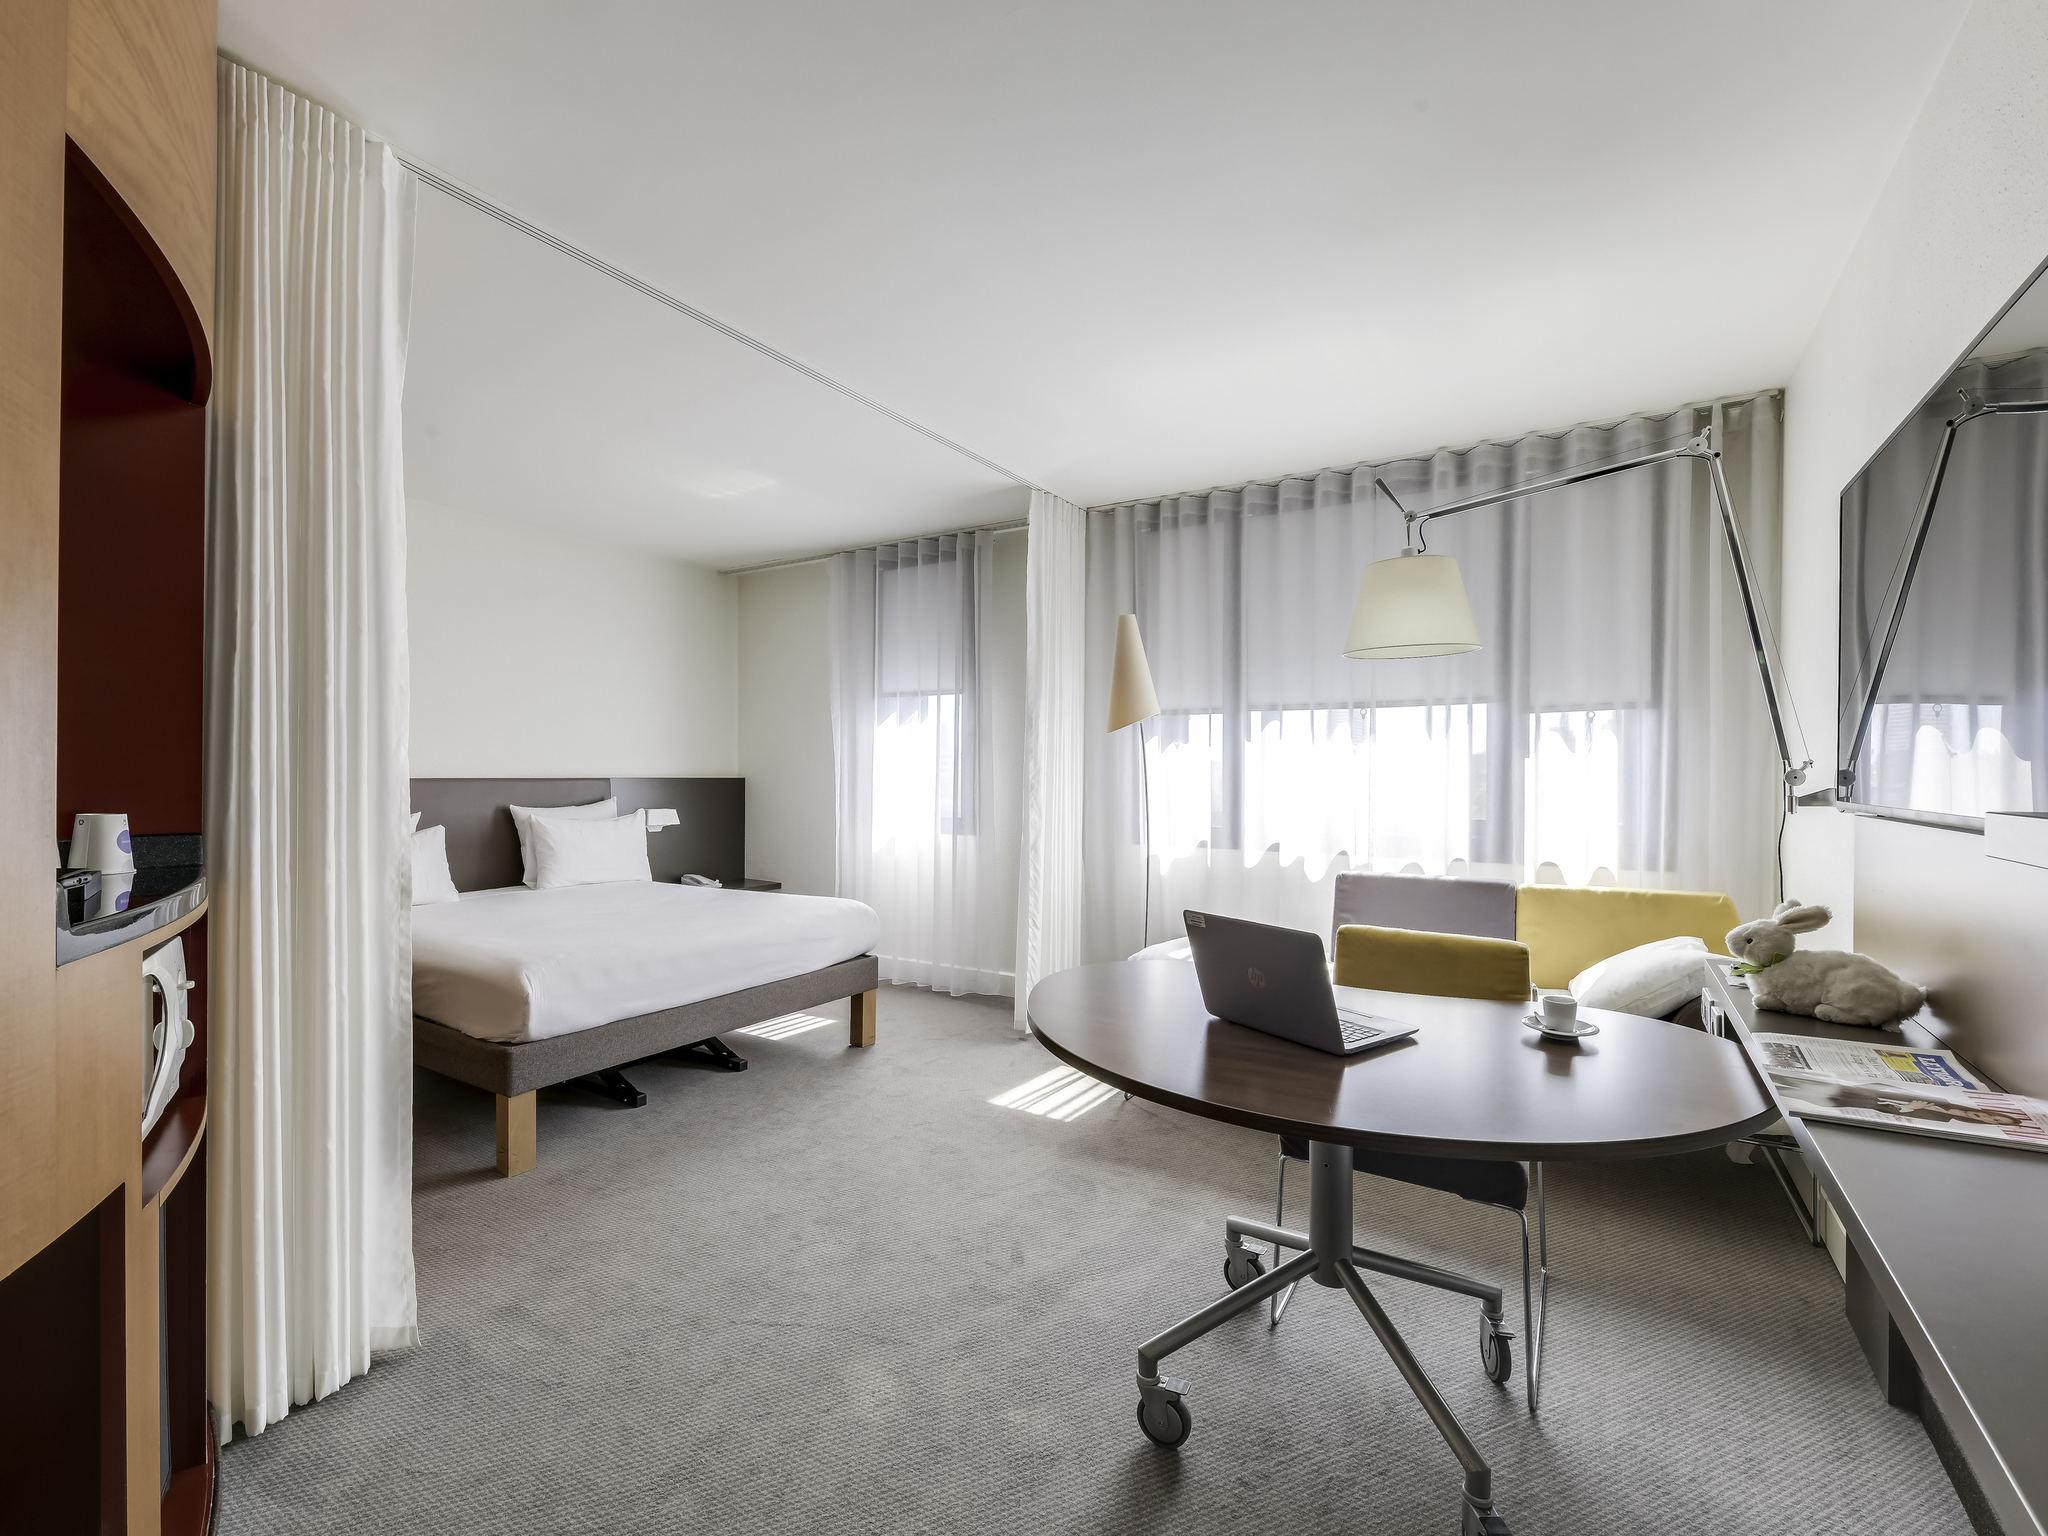 فندق - أجنحة Novotel باريس نور الدائرة 18